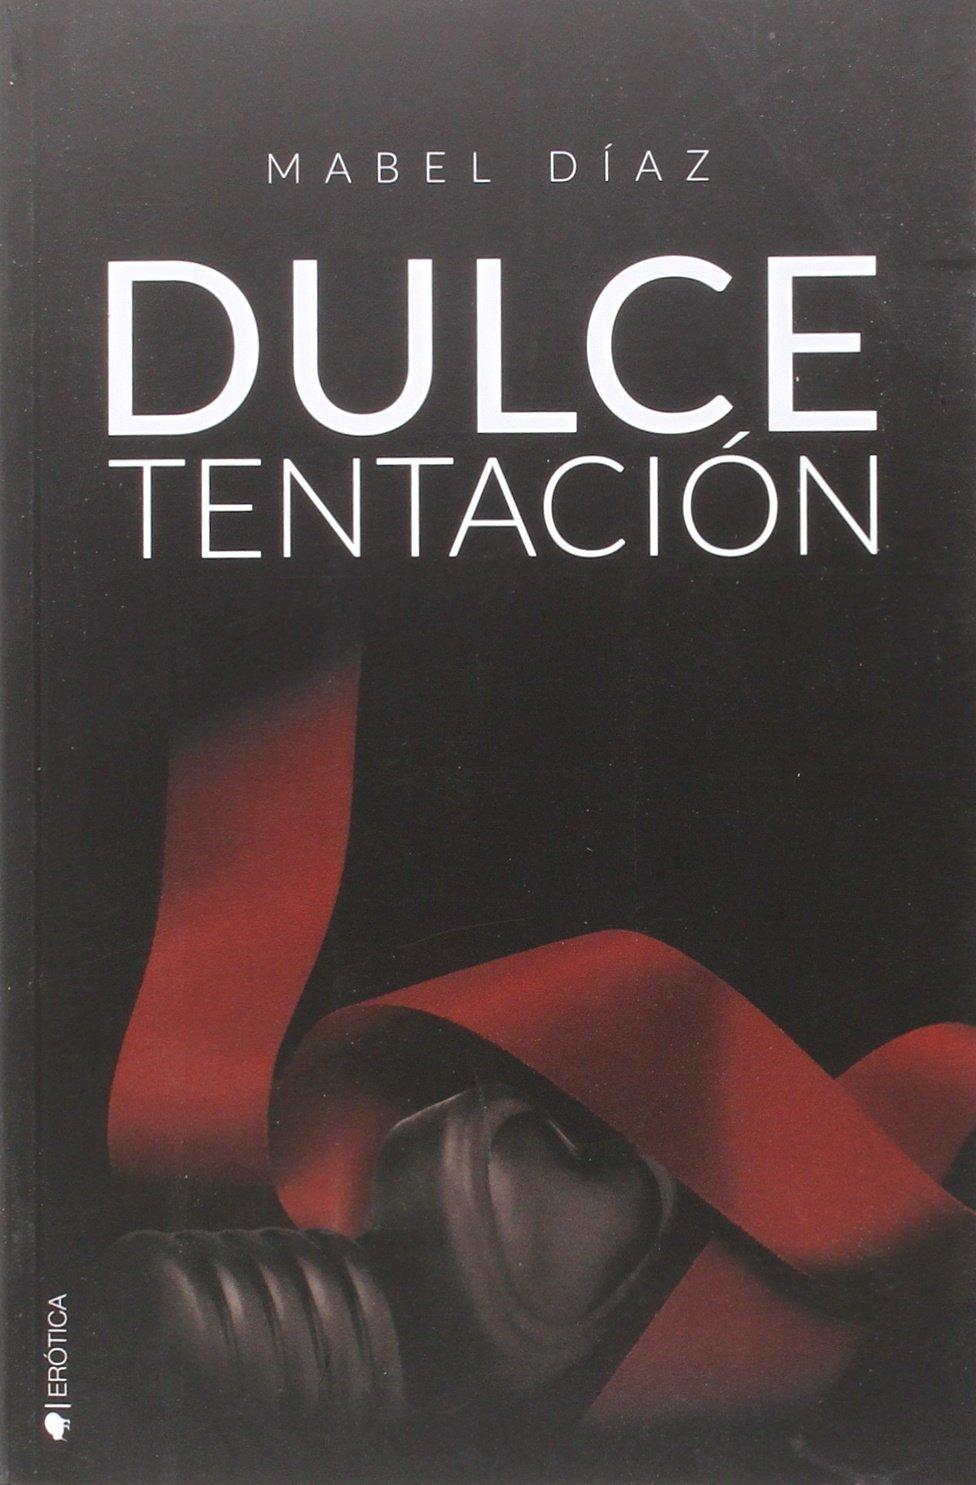 Dulce tentación: Amazon.es: Mabel Díaz: Libros